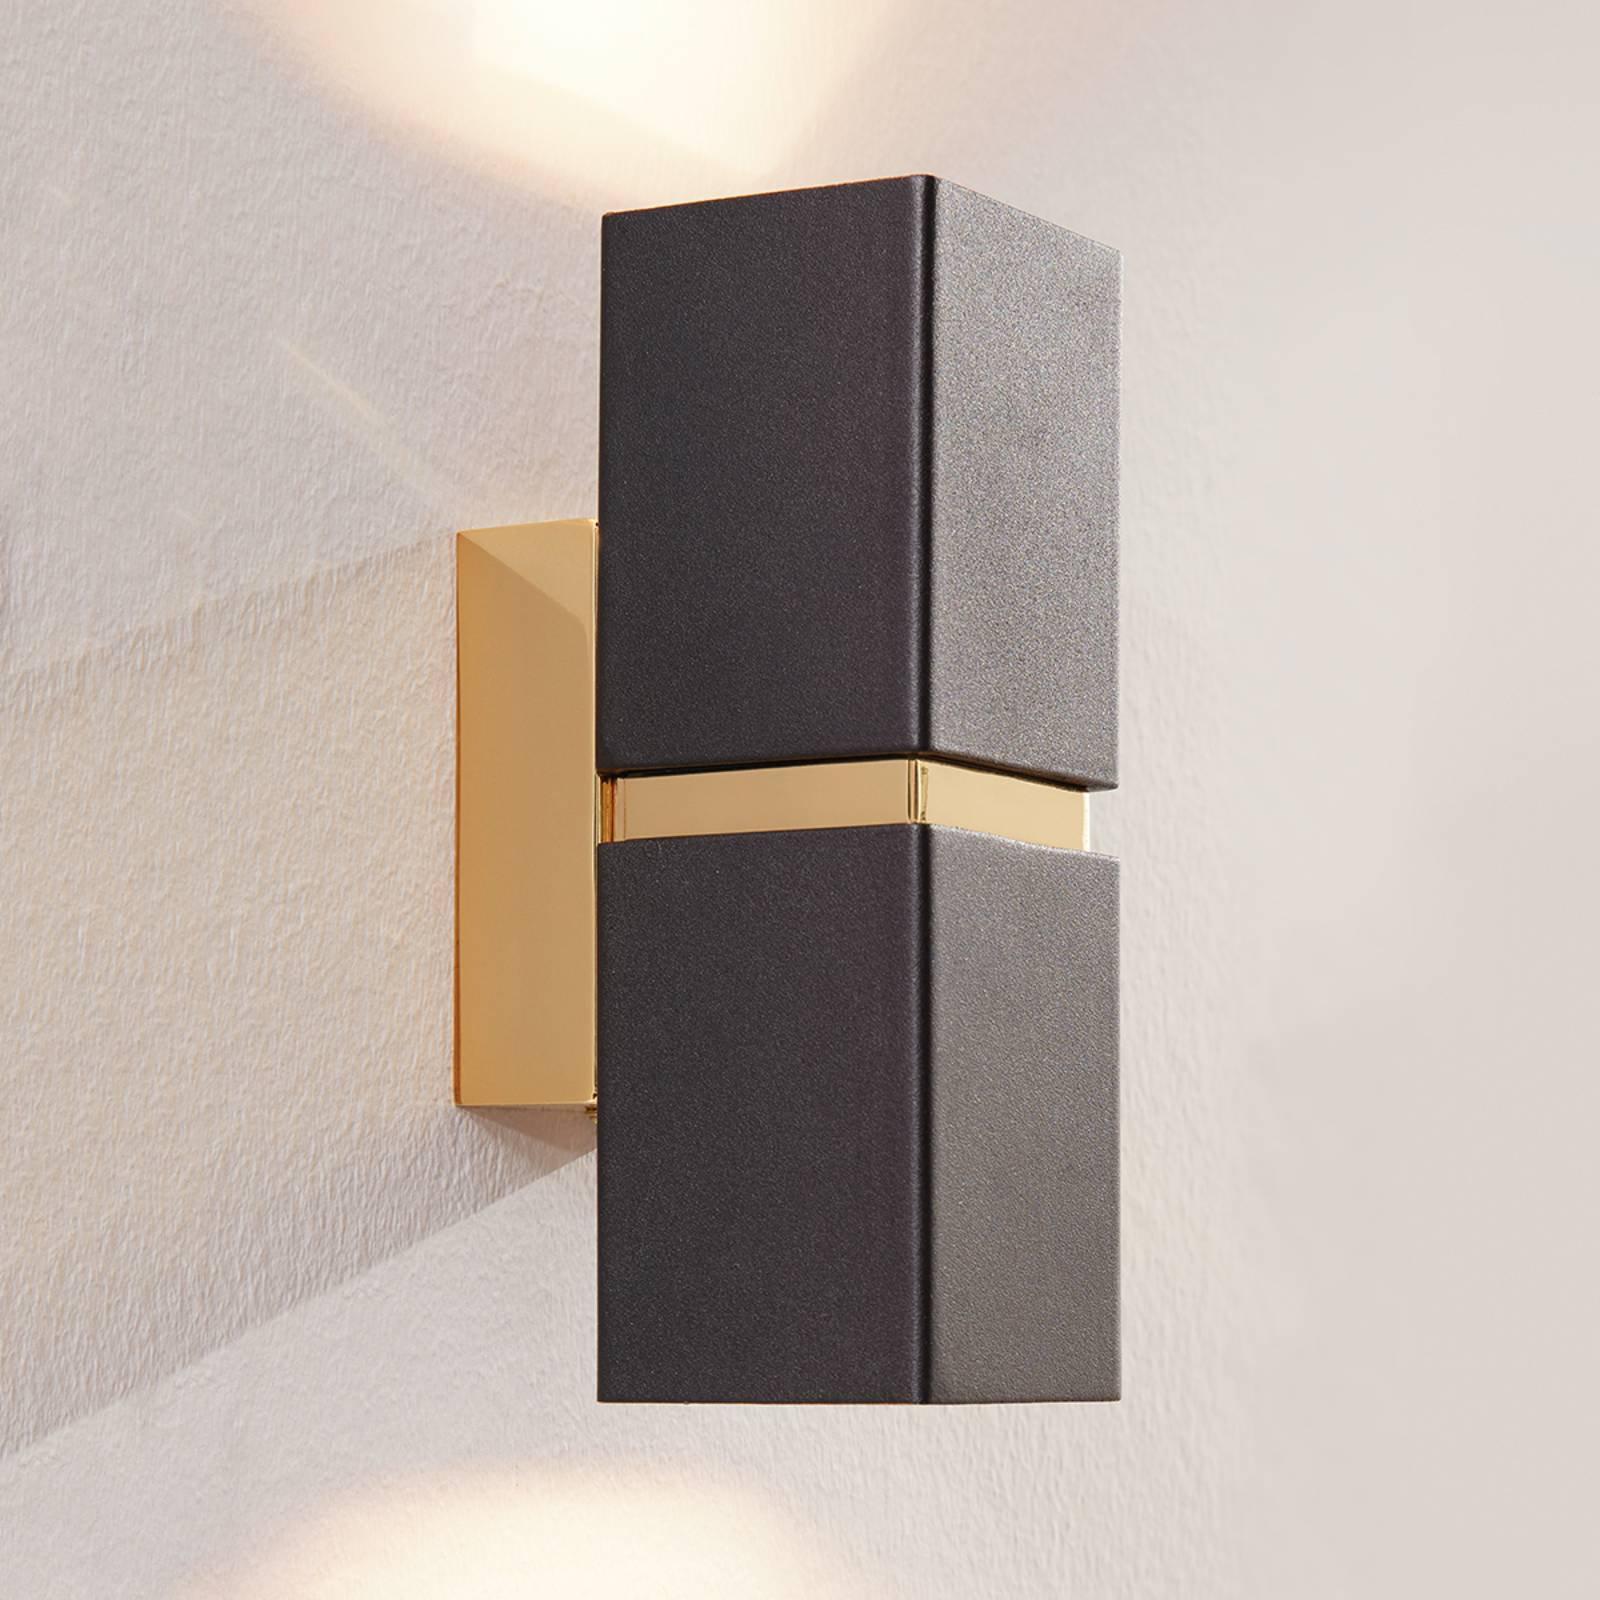 LED-vegglampe Passa, svart-gull, 2 lyskilder